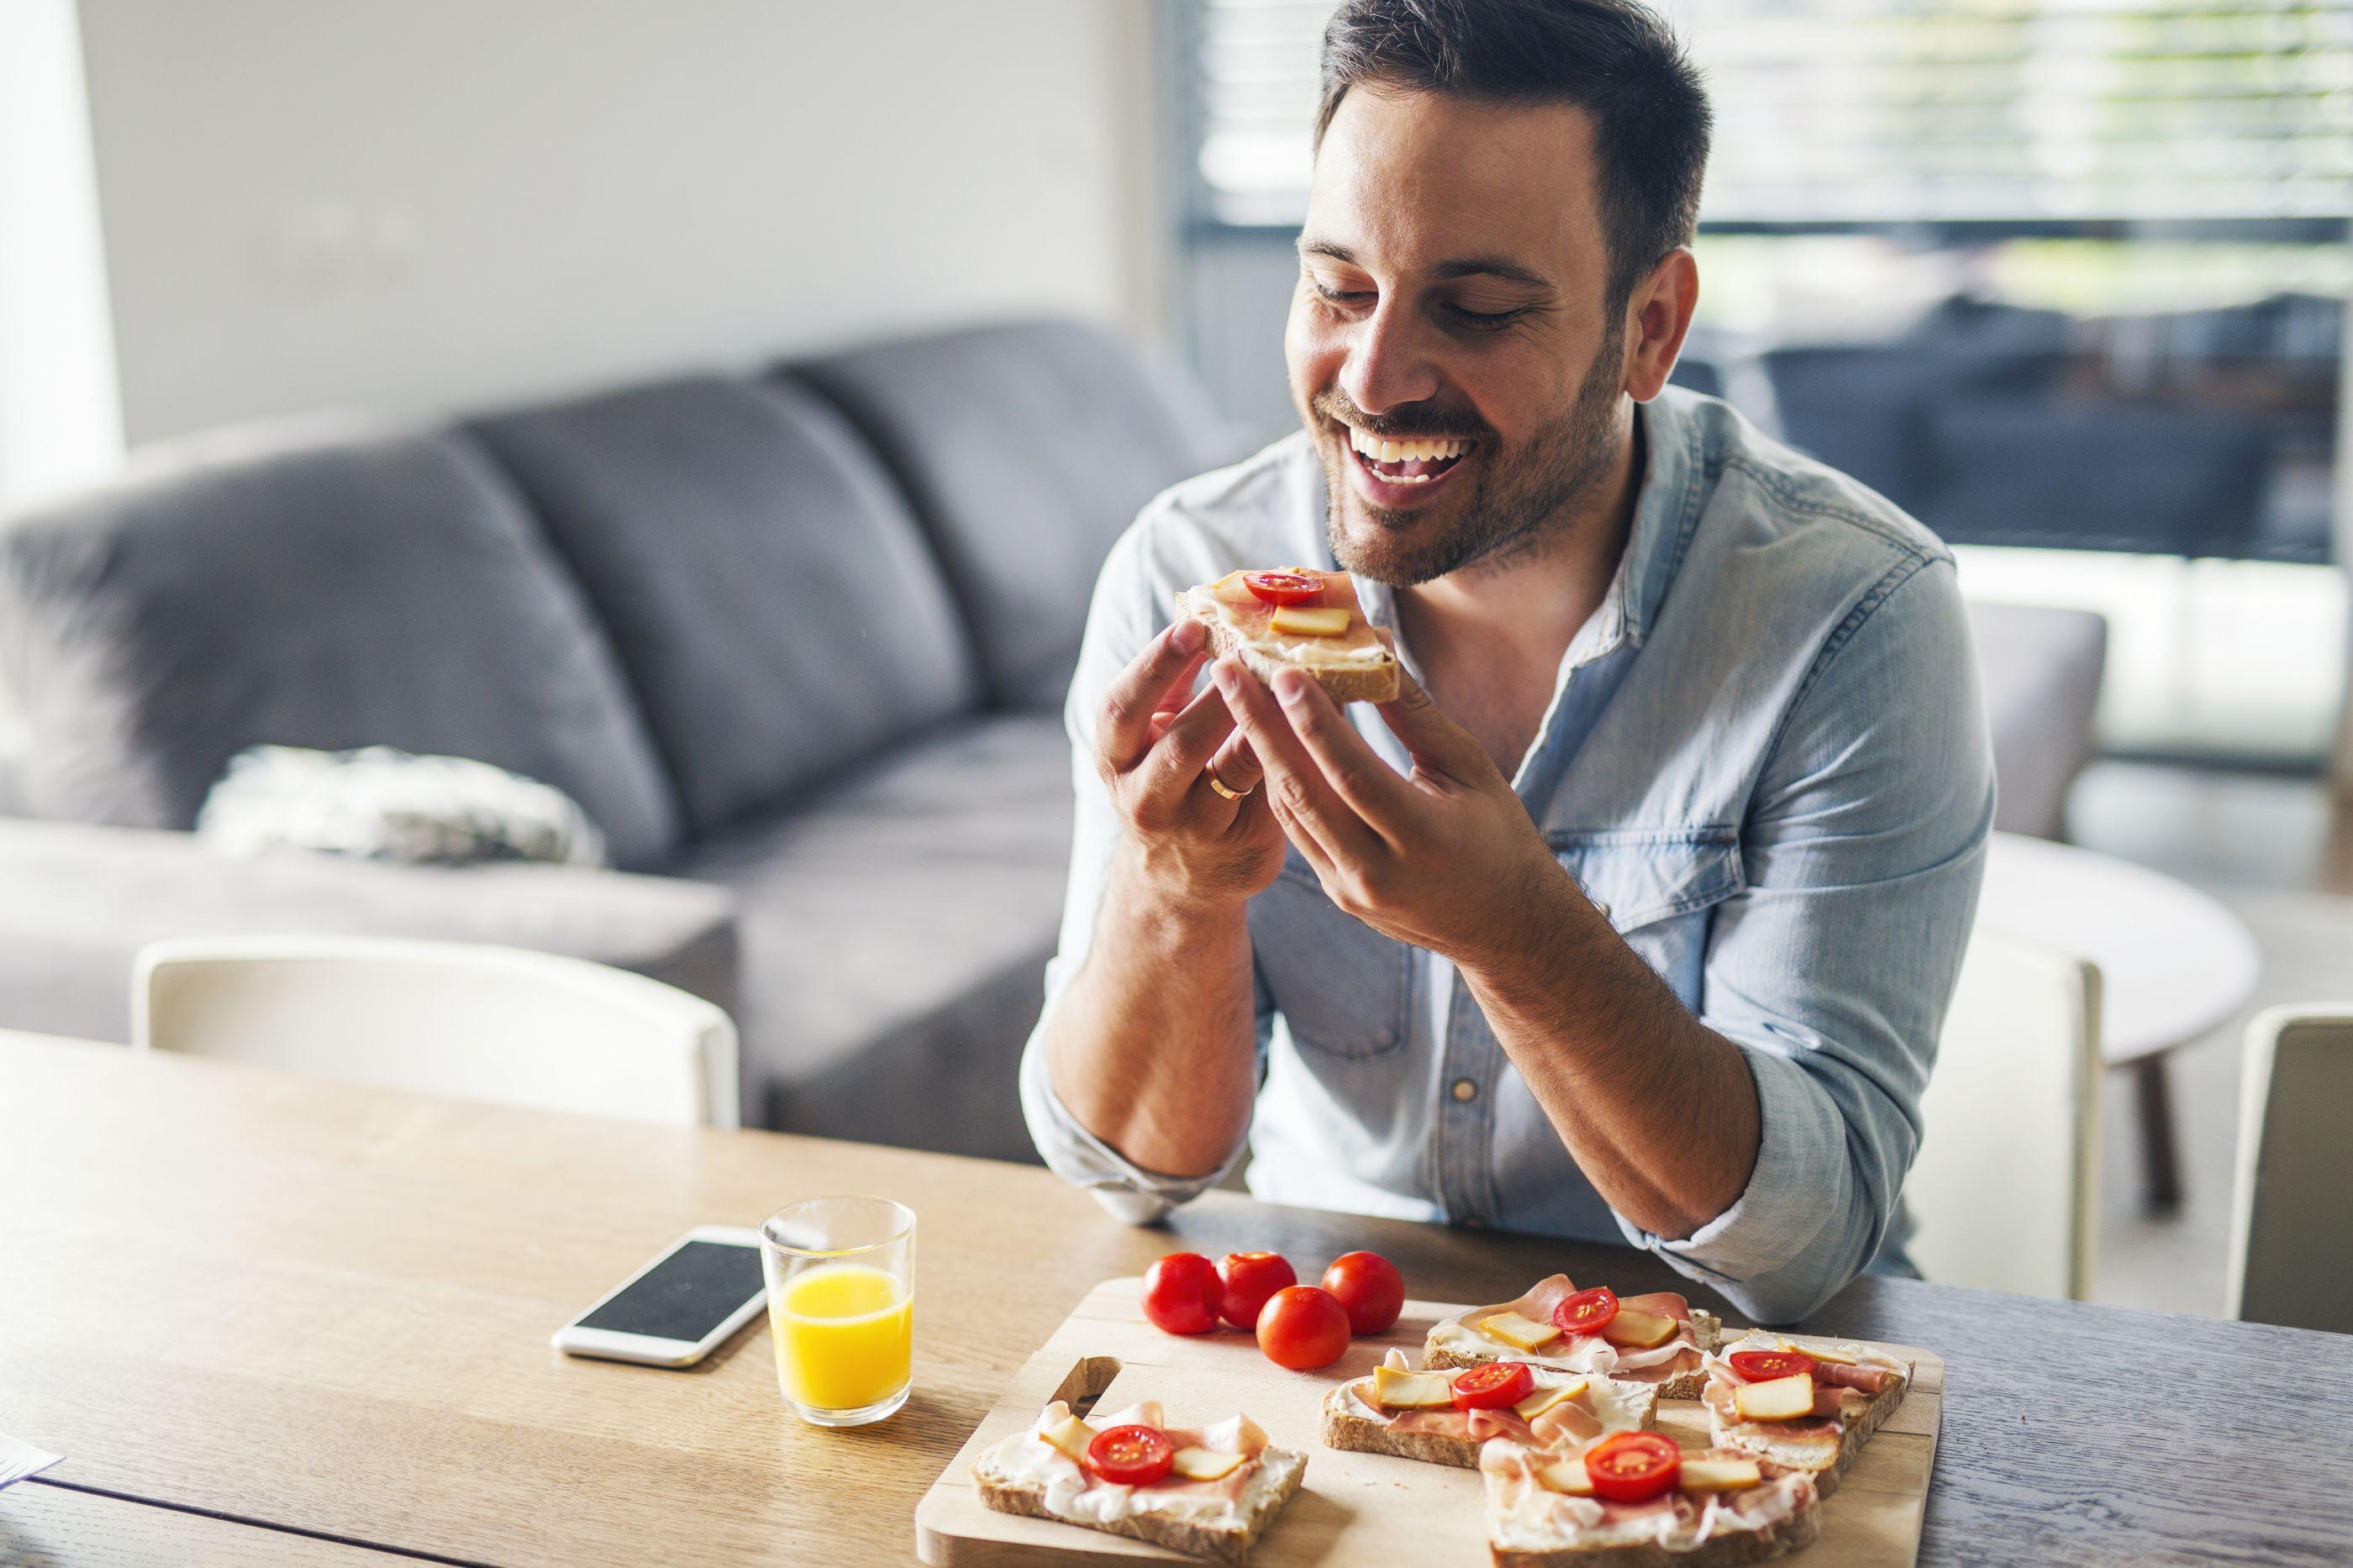 Hipertensão: Comer estes cinco alimentos ricos em potássio reduz risco